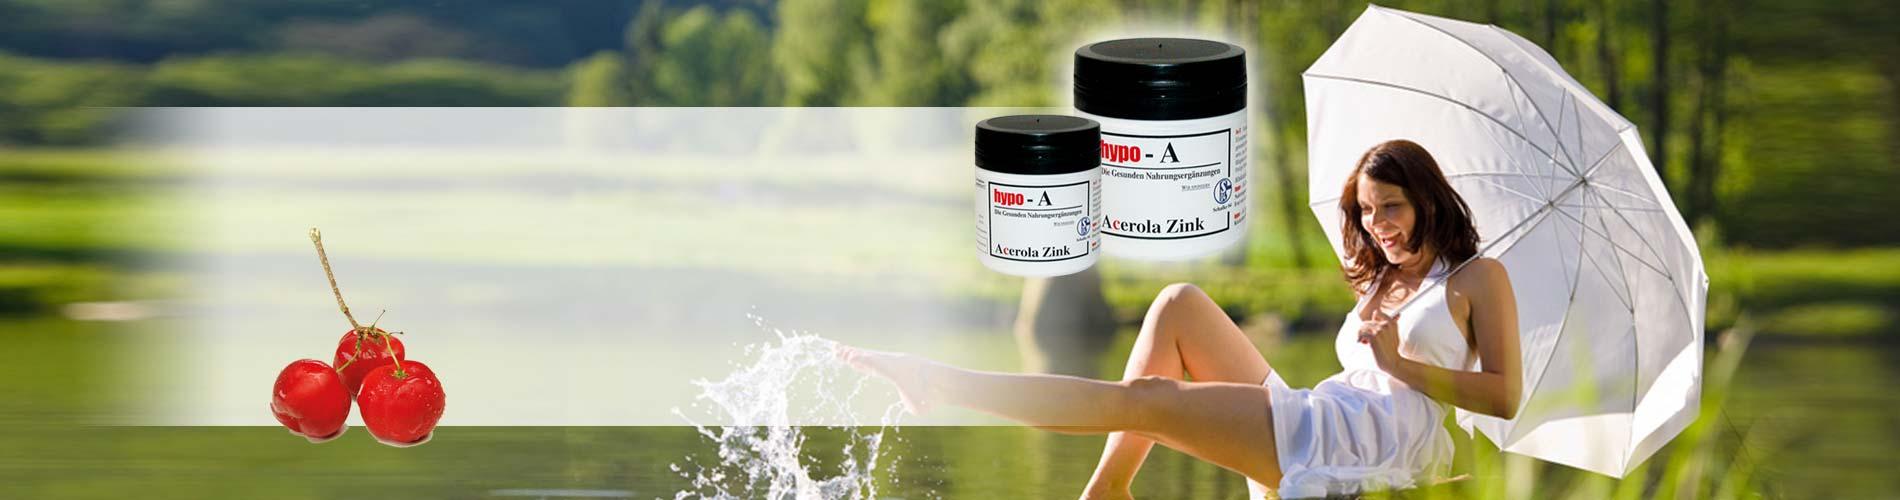 Immunsystem unterstützen mit Acerola-Zink